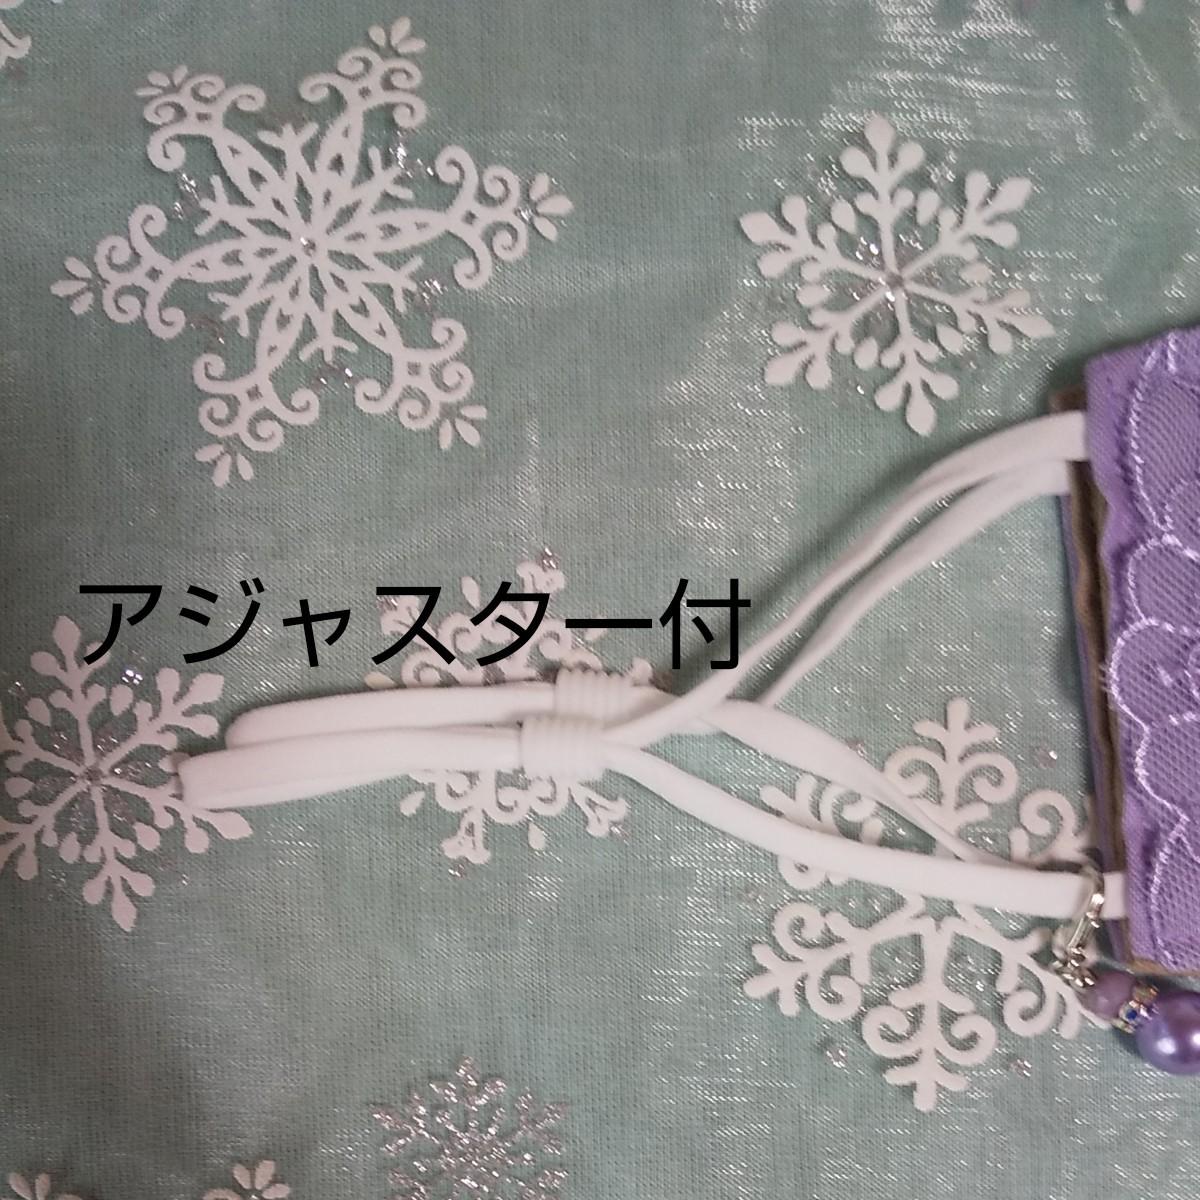 立体インナーハンドメイド、綿ガーゼ、チュール刺繍レース(パープル×リボンレース)普通サイズ、アジャスター付、チャーム付